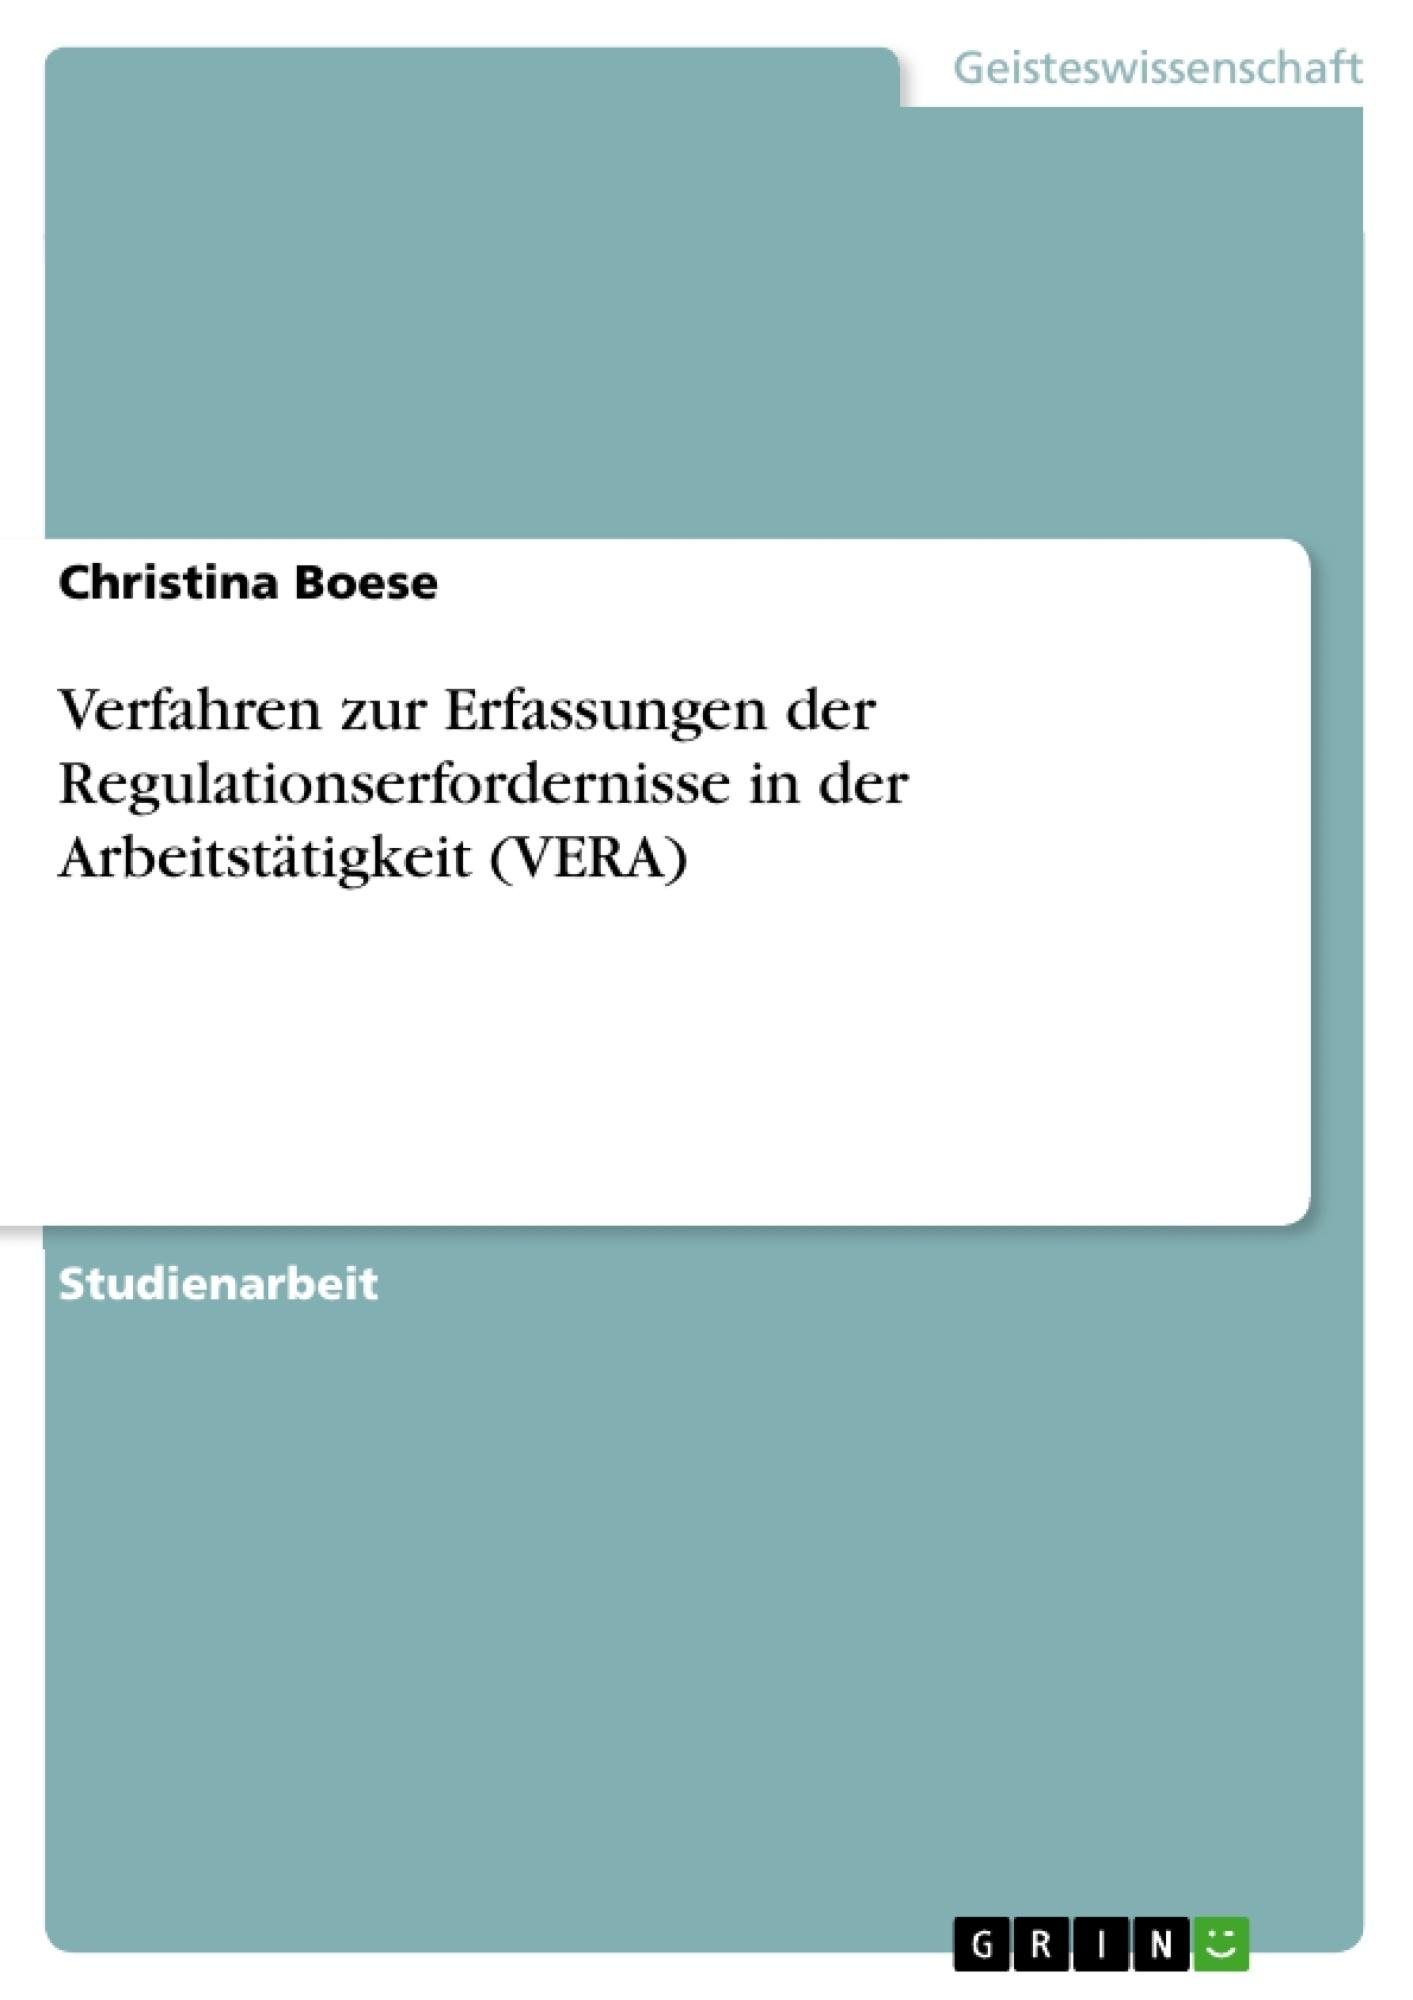 Titel: Verfahren zur Erfassungen der Regulationserfordernisse in der Arbeitstätigkeit (VERA)